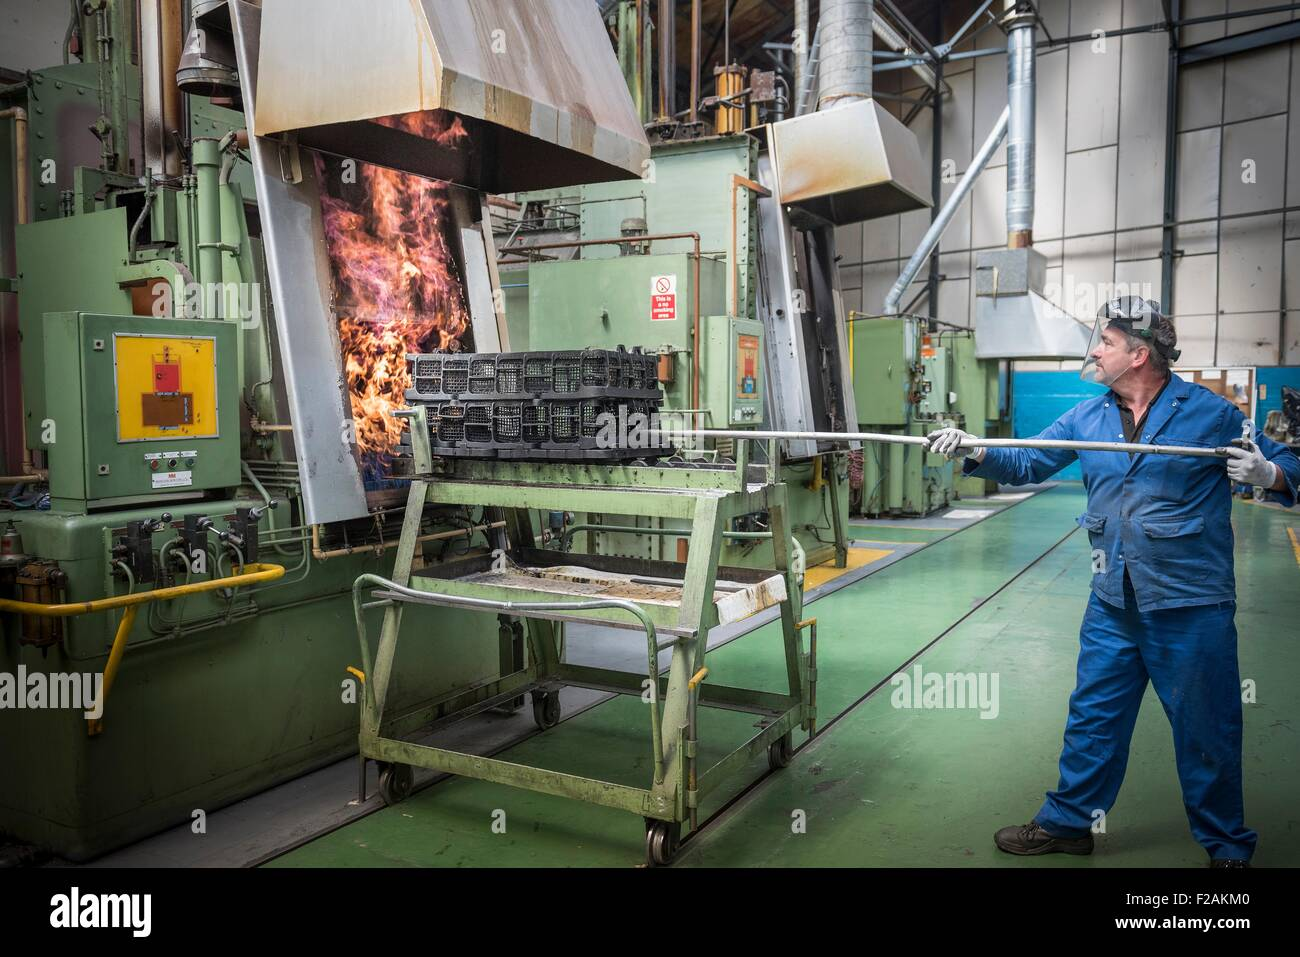 Engineer heat treating gear wheels in engineering factory - Stock Image